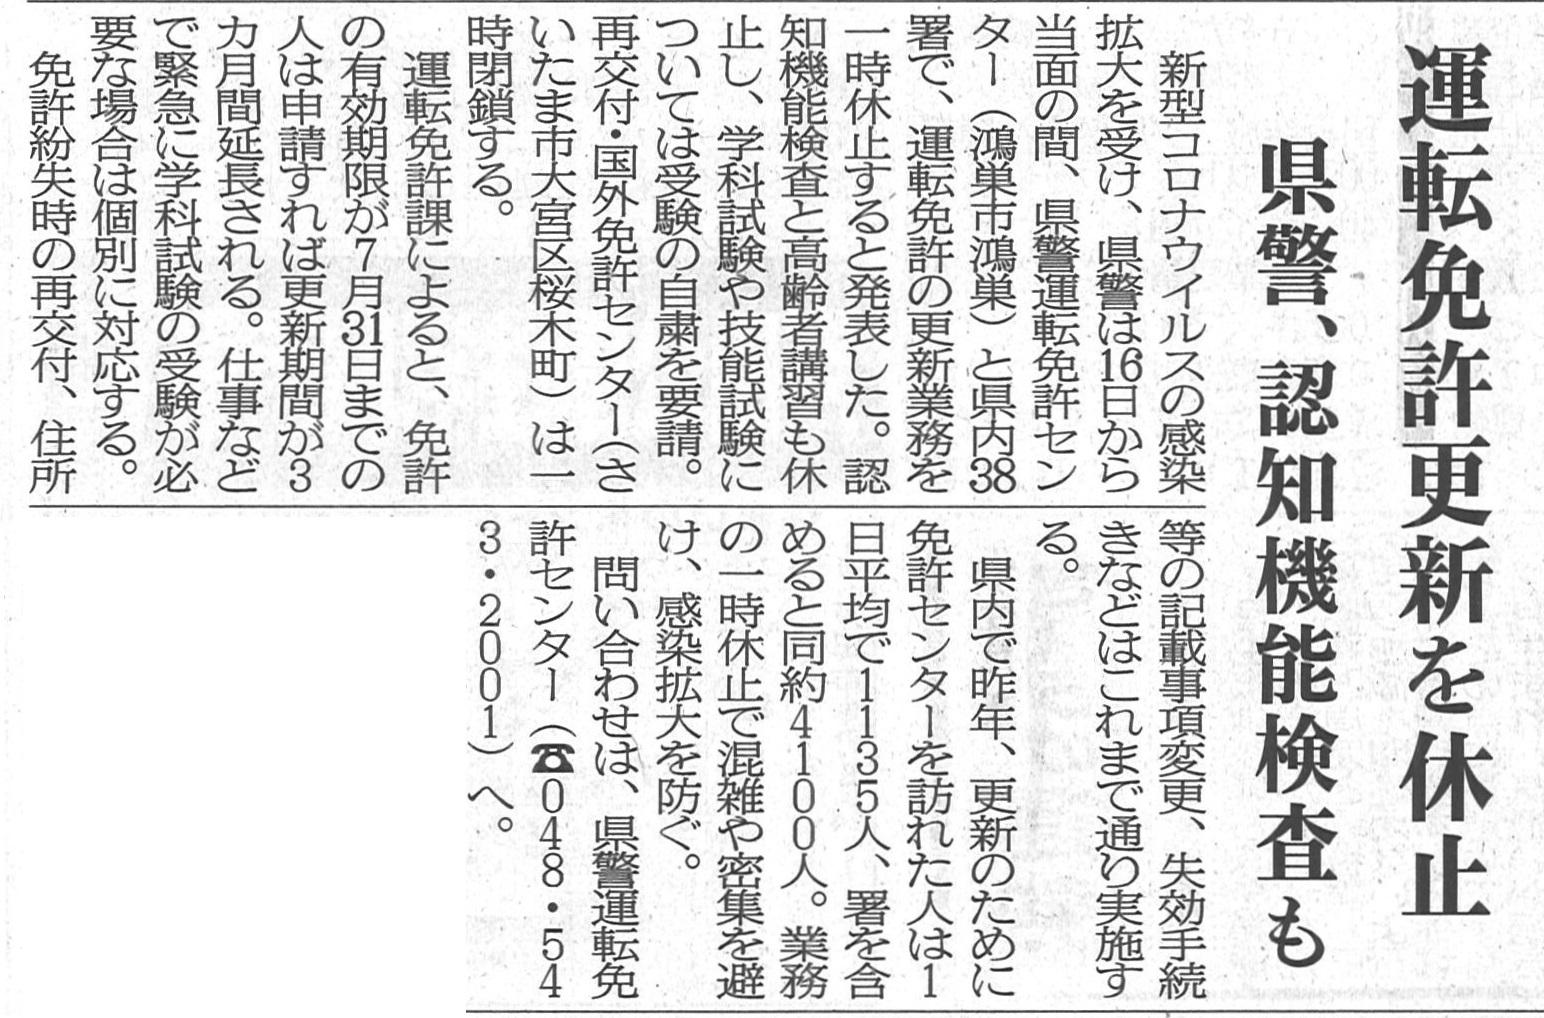 埼玉新聞朝刊(2020年04月16日付)運転免許更新休止